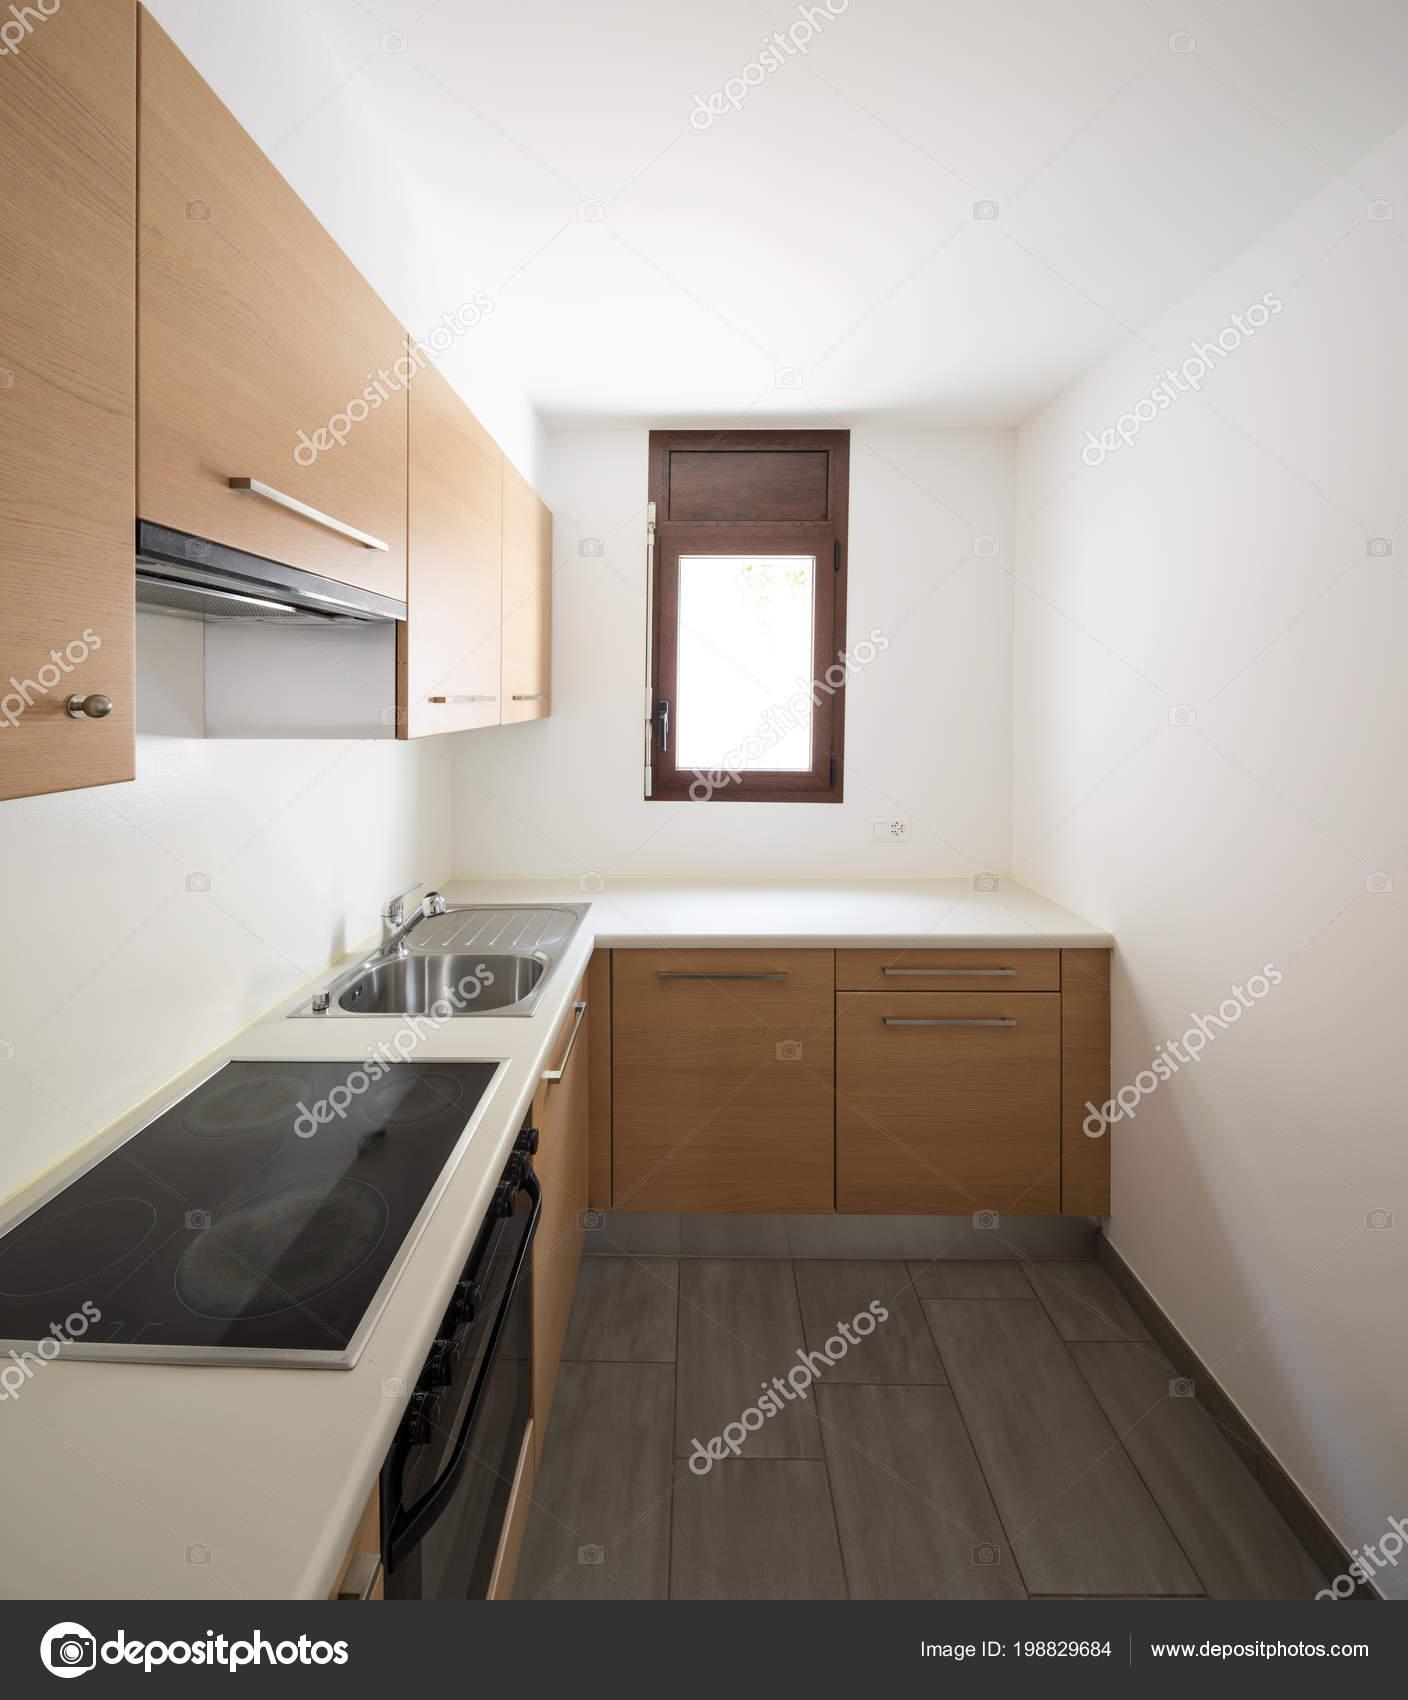 Moderne Küche Holz Und Weiße Wände Kleines Fenster Niemand Inneren